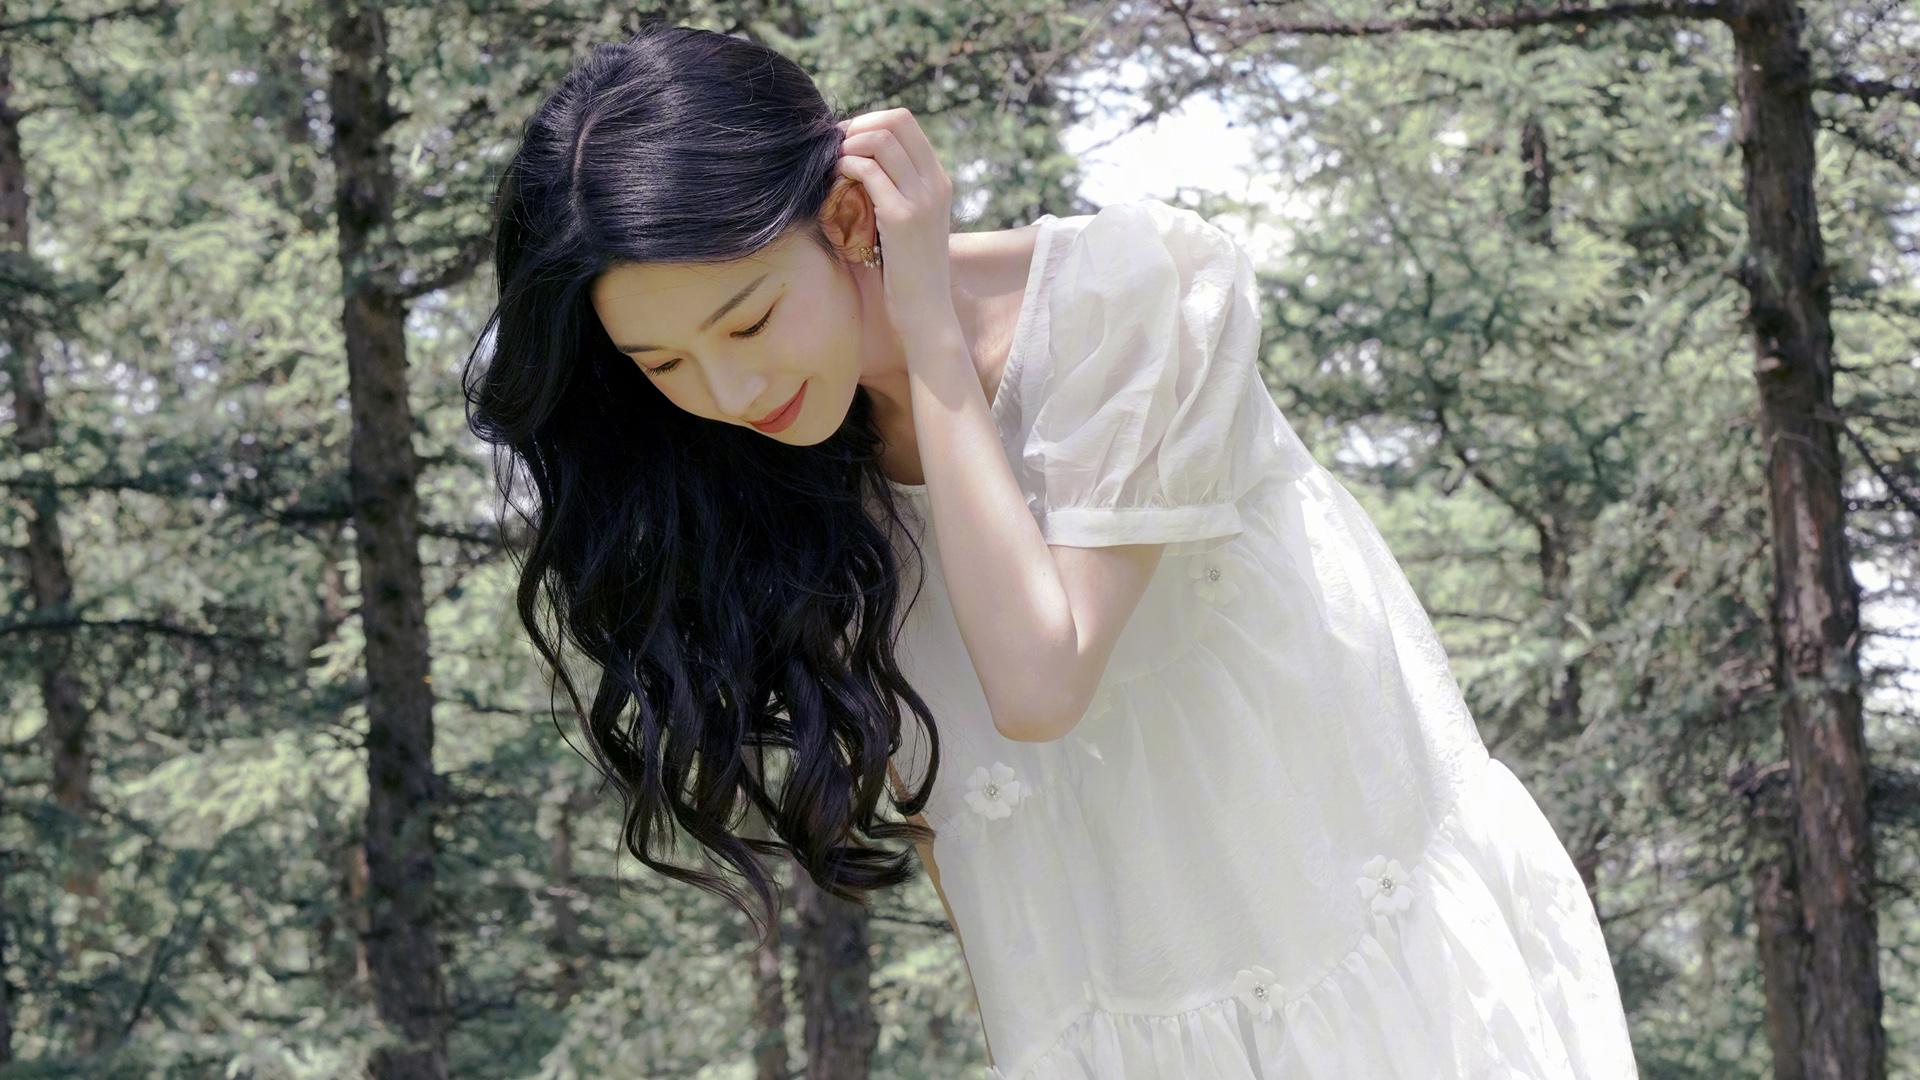 明星风尚,陈瑶